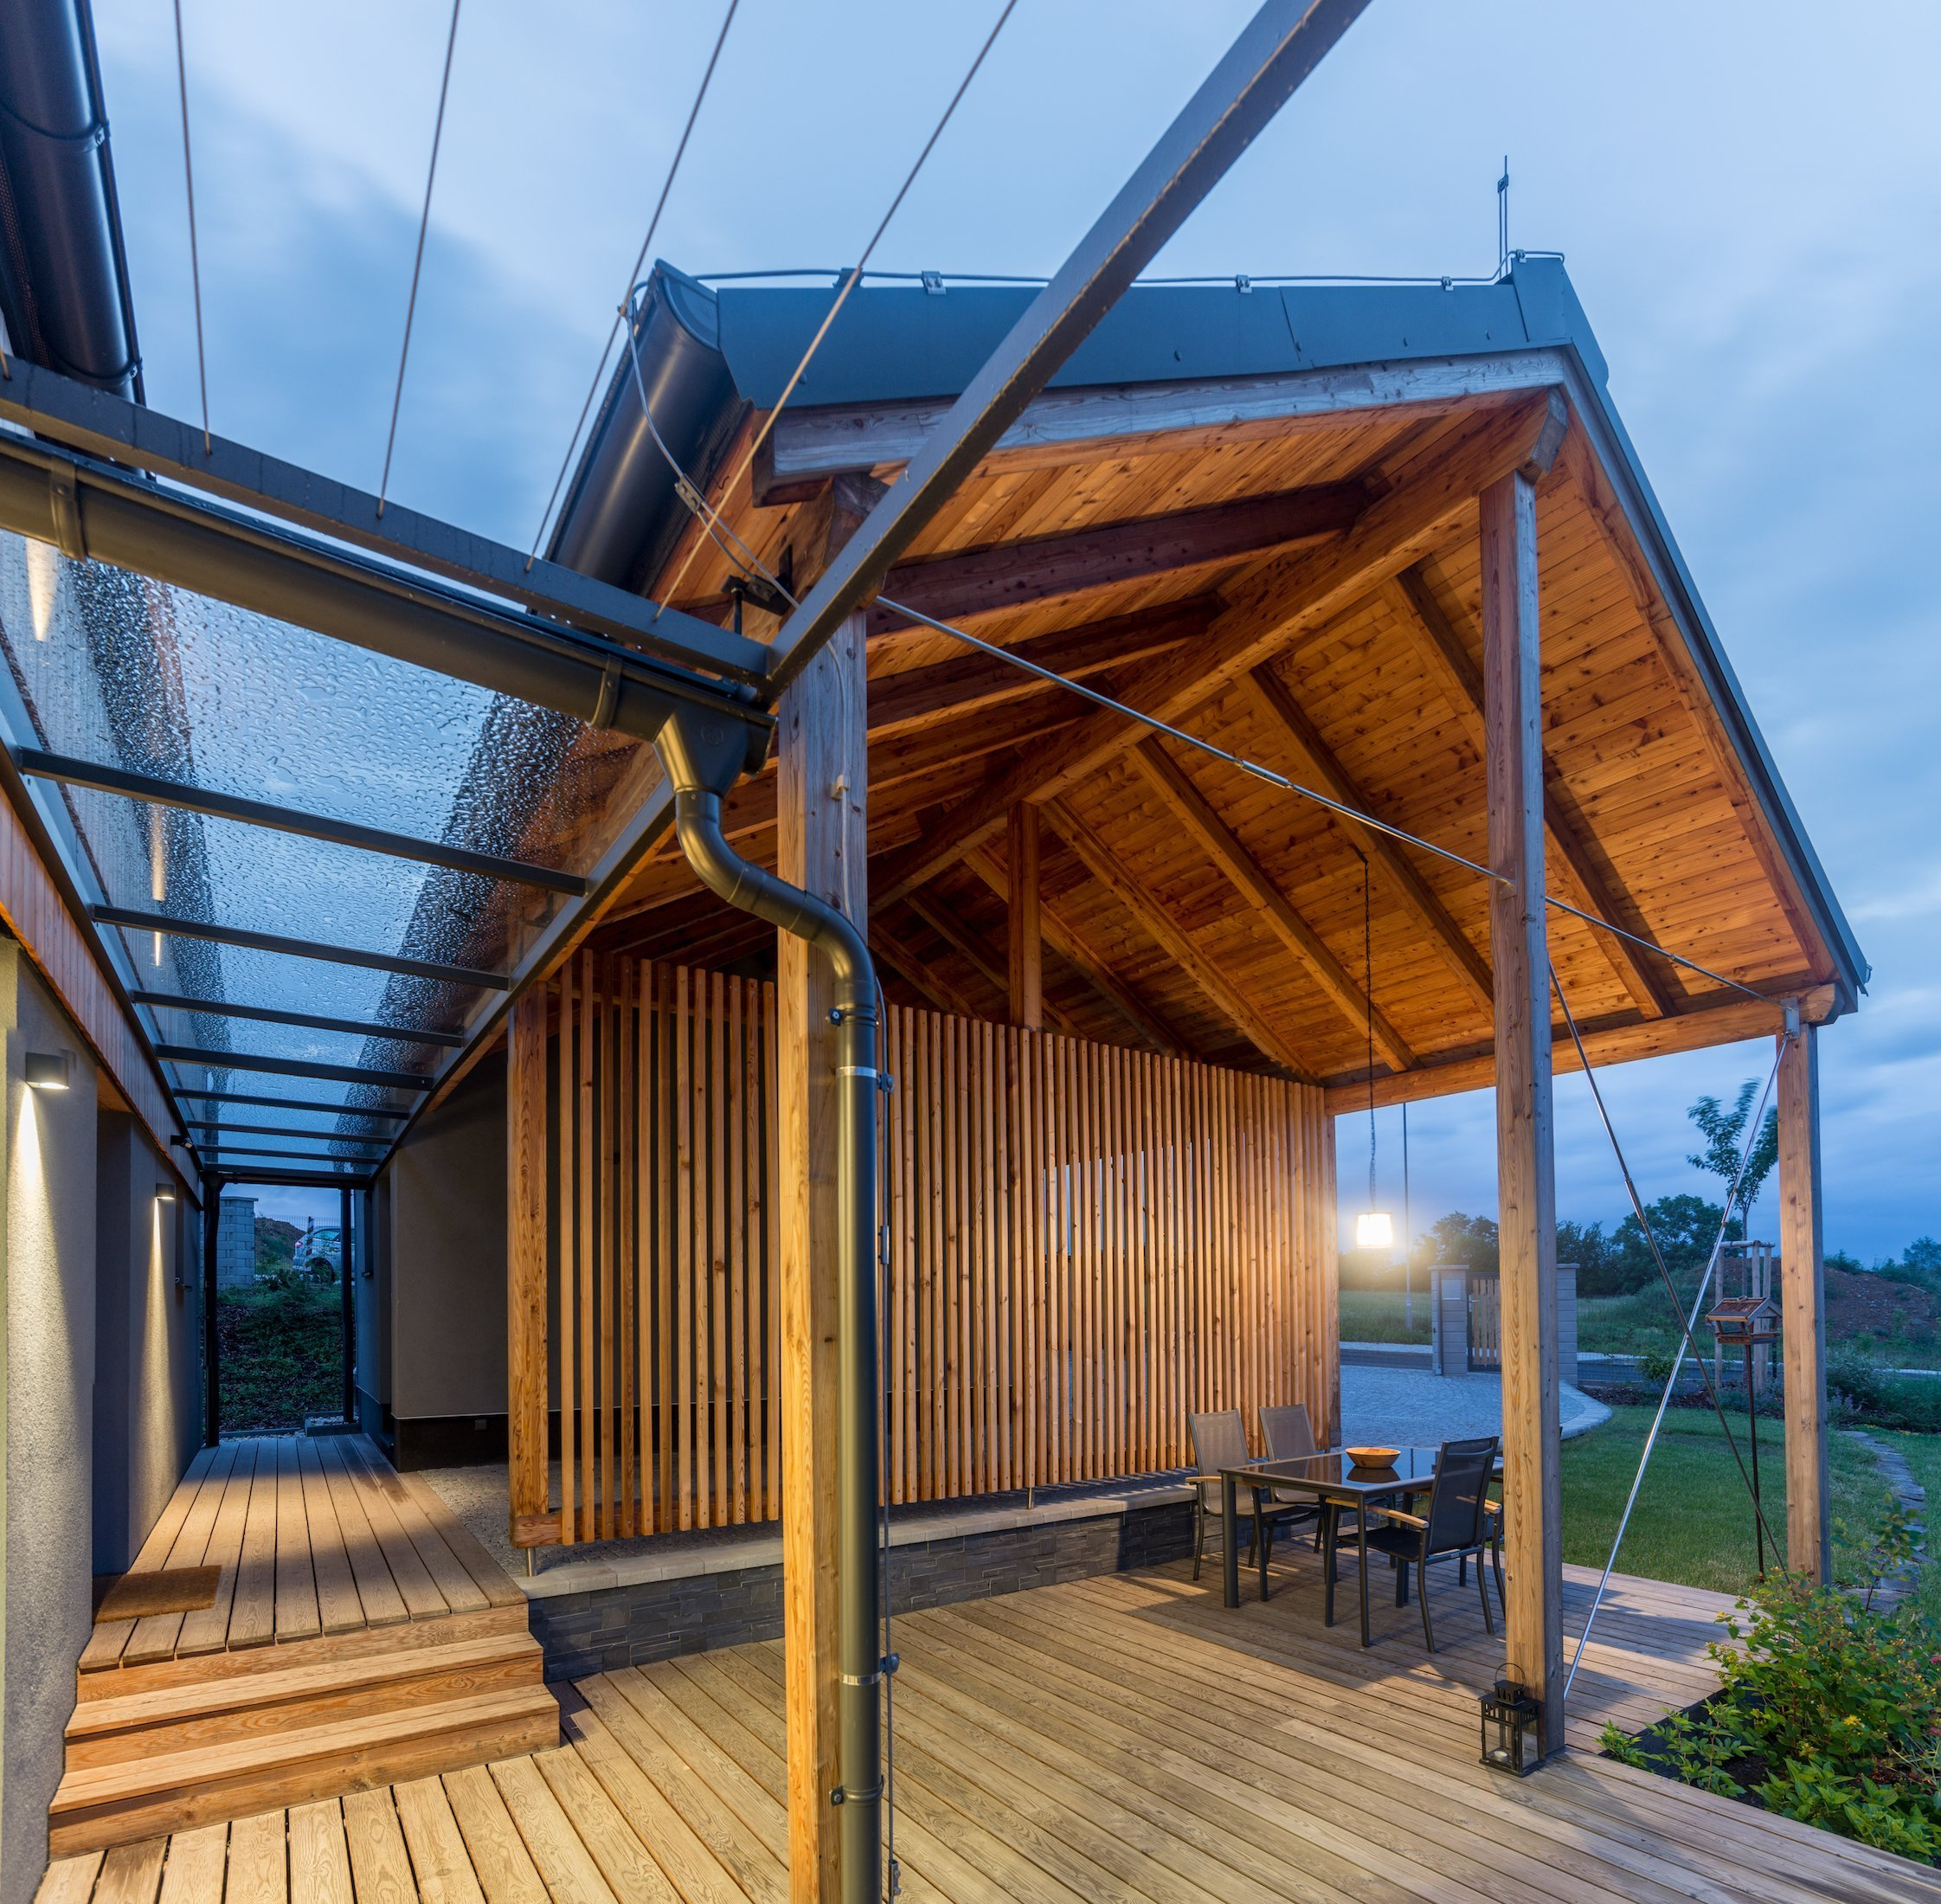 Postavit si dřevostavbu na kopci má mnoho výhod - nezaplaví ho voda, je z něj dobrý výhled a není ho možné přehlédnout. A pokud je dobře postavený, neodfoukne…